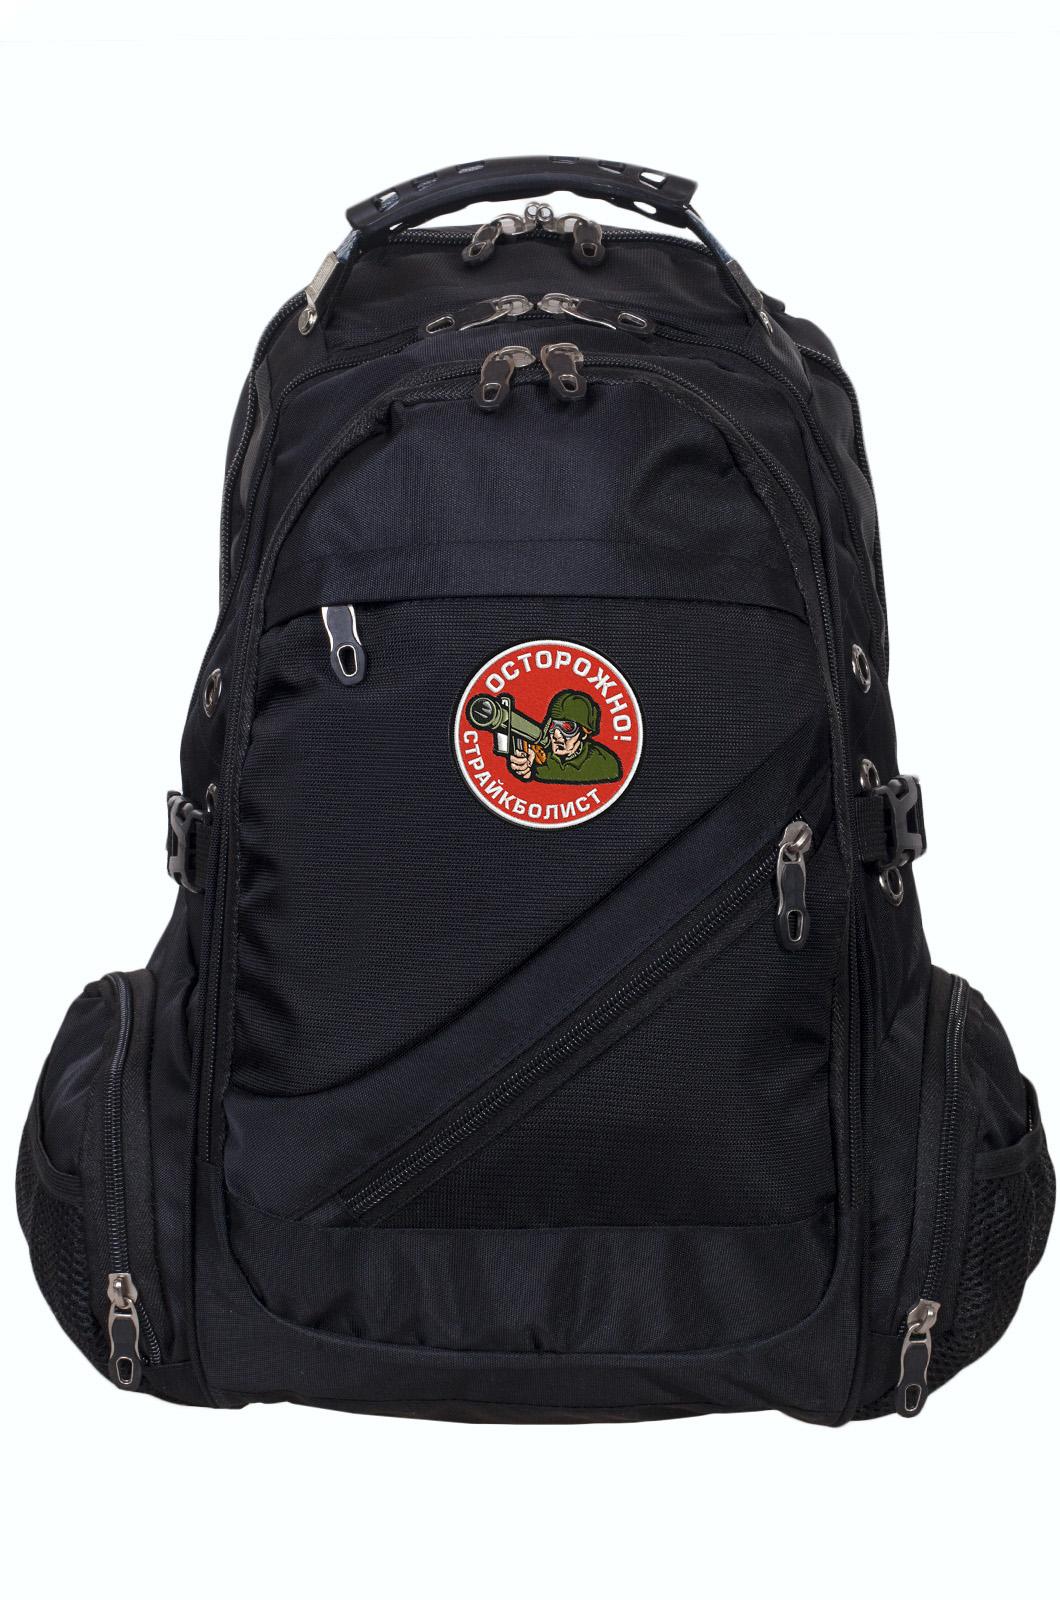 Удобный мужской рюкзак с нашивкой Осторожно страйкболист